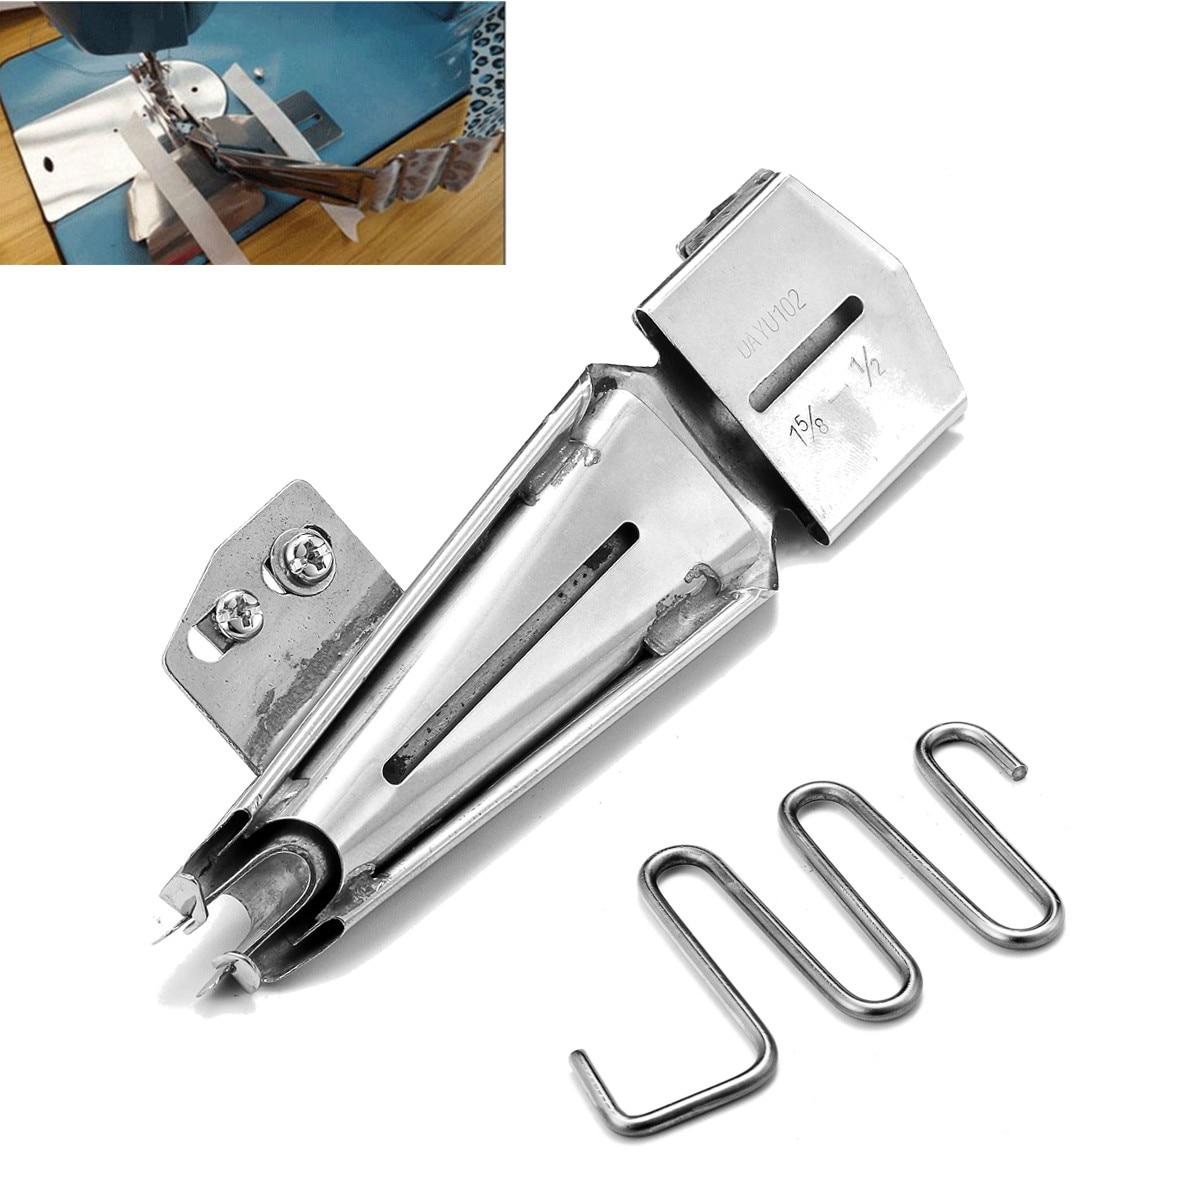 Nähmaschine Nähfüße Näharbeit Presser Zubehör Haushalt Ring Kunststoff Legierung